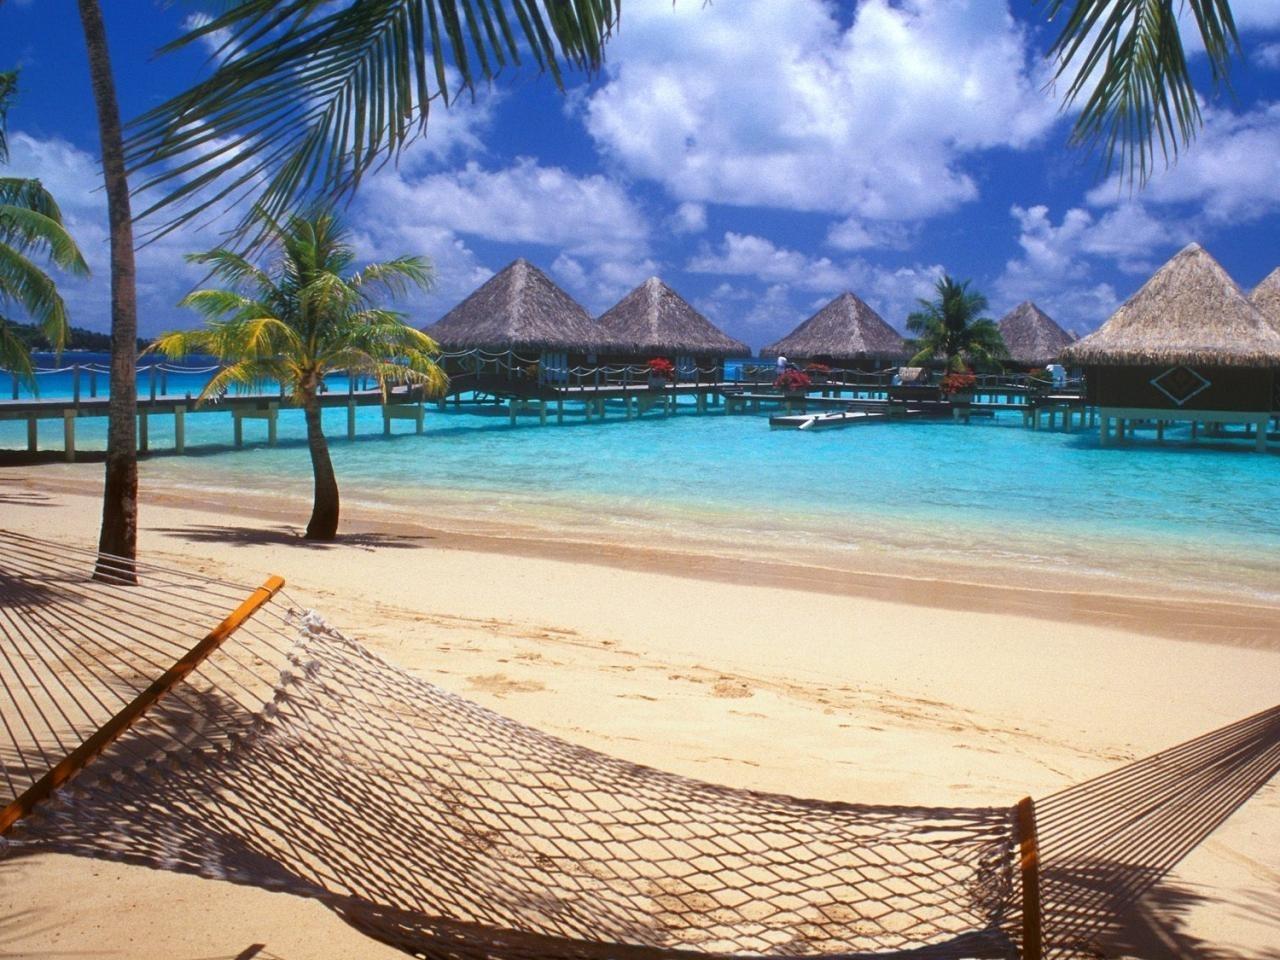 25186 скачать обои Пейзаж, Море, Облака, Пляж, Пальмы - заставки и картинки бесплатно